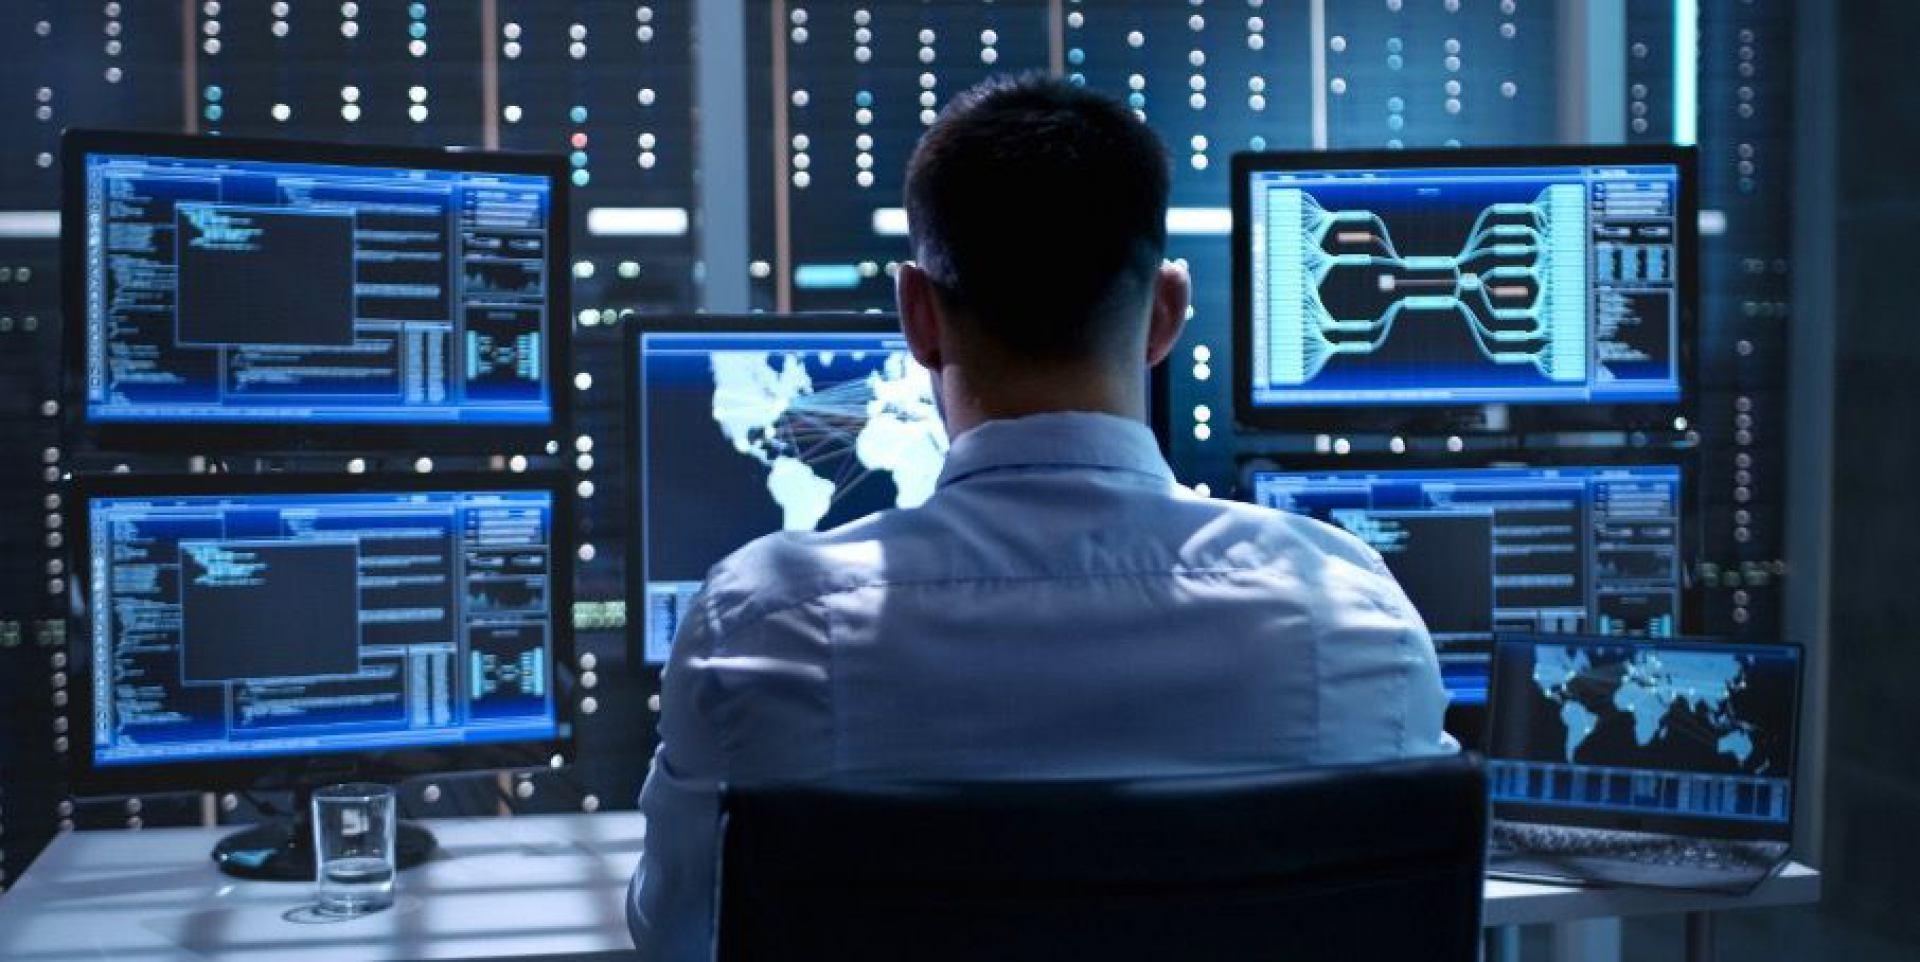 Implementacija Zakona i Uredbe o kibernetičkoj sigurnosti operatora ključnih usluga i davatelja digitalnih usluga u Lučkoj upravi Rijeka